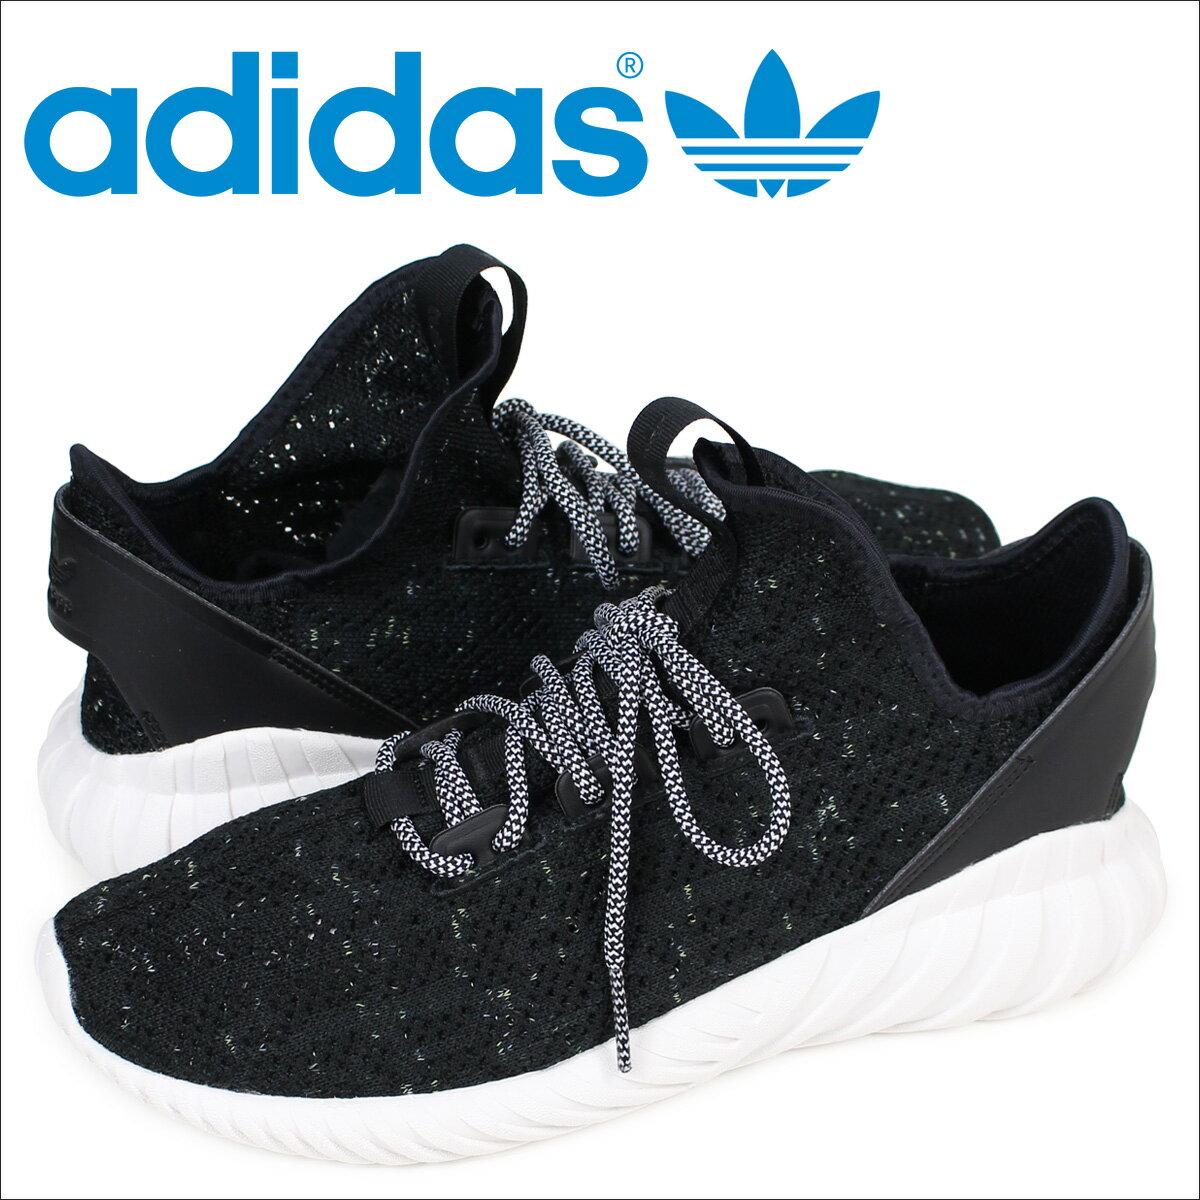 アディダス チューブラー adidas Originals スニーカー チュブラー TUBULAR DOOM SOCK PK メンズ CQ0940 靴 ブラック